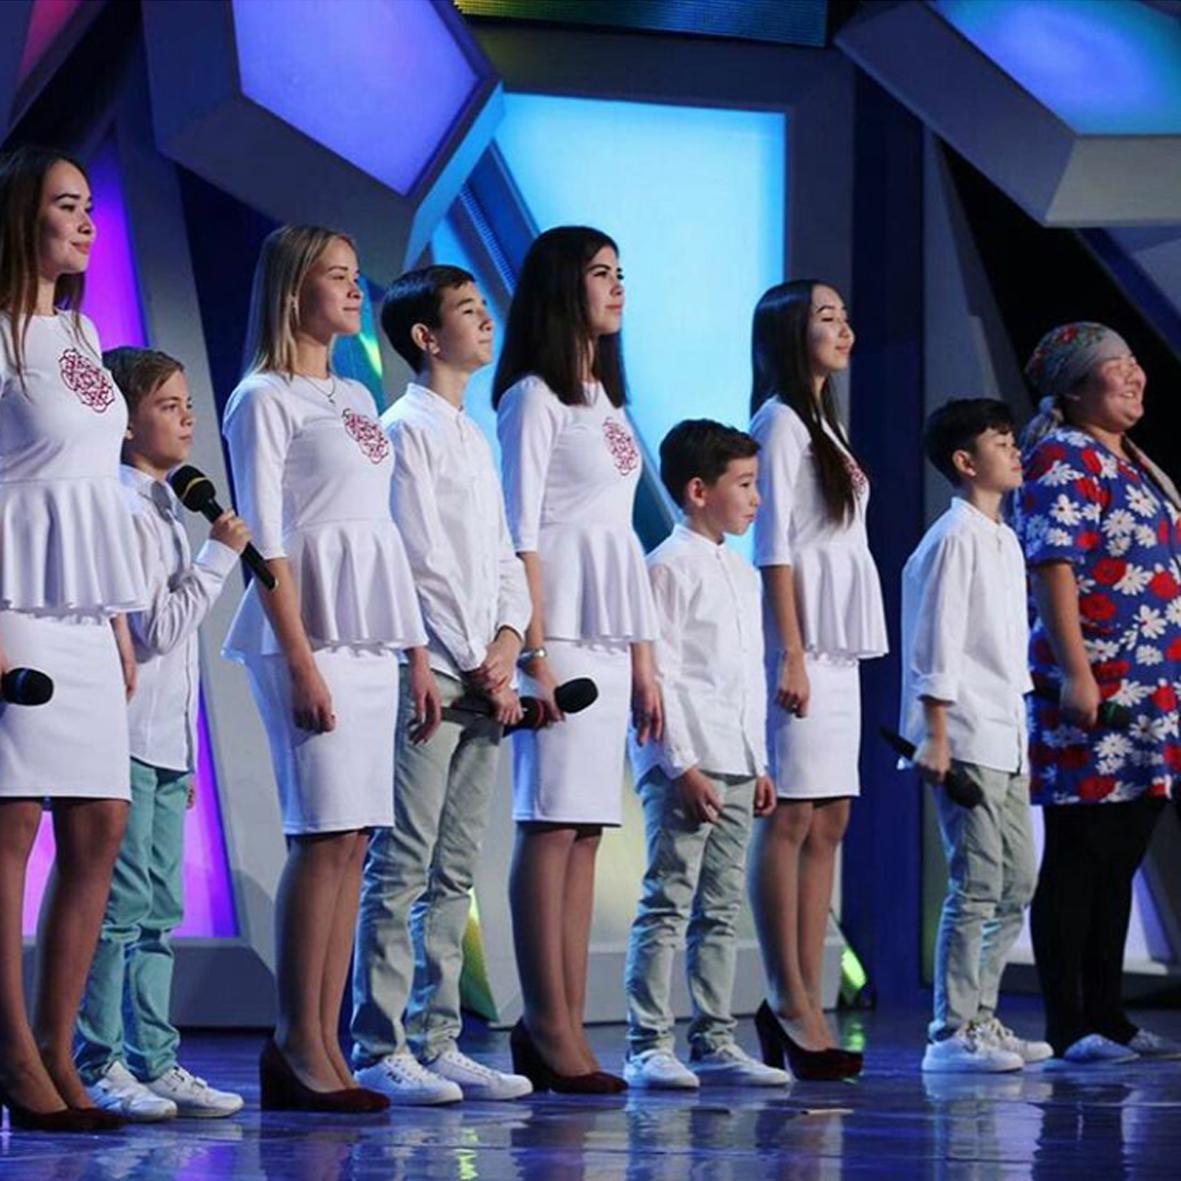 Боханские КВНщики выступили на ¼ финала Детского КВНа